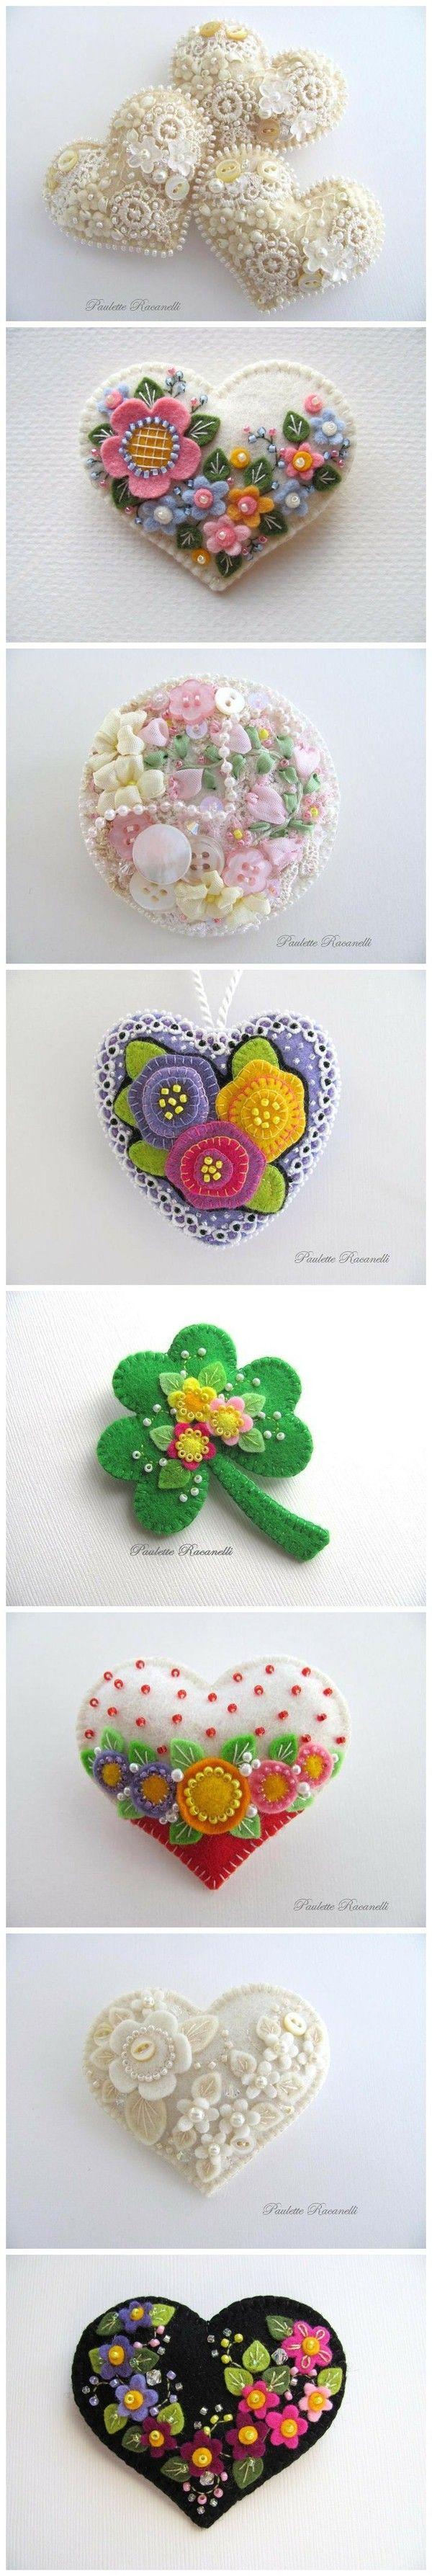 Corazones de fieltro decorados -  Felt decorated hearts